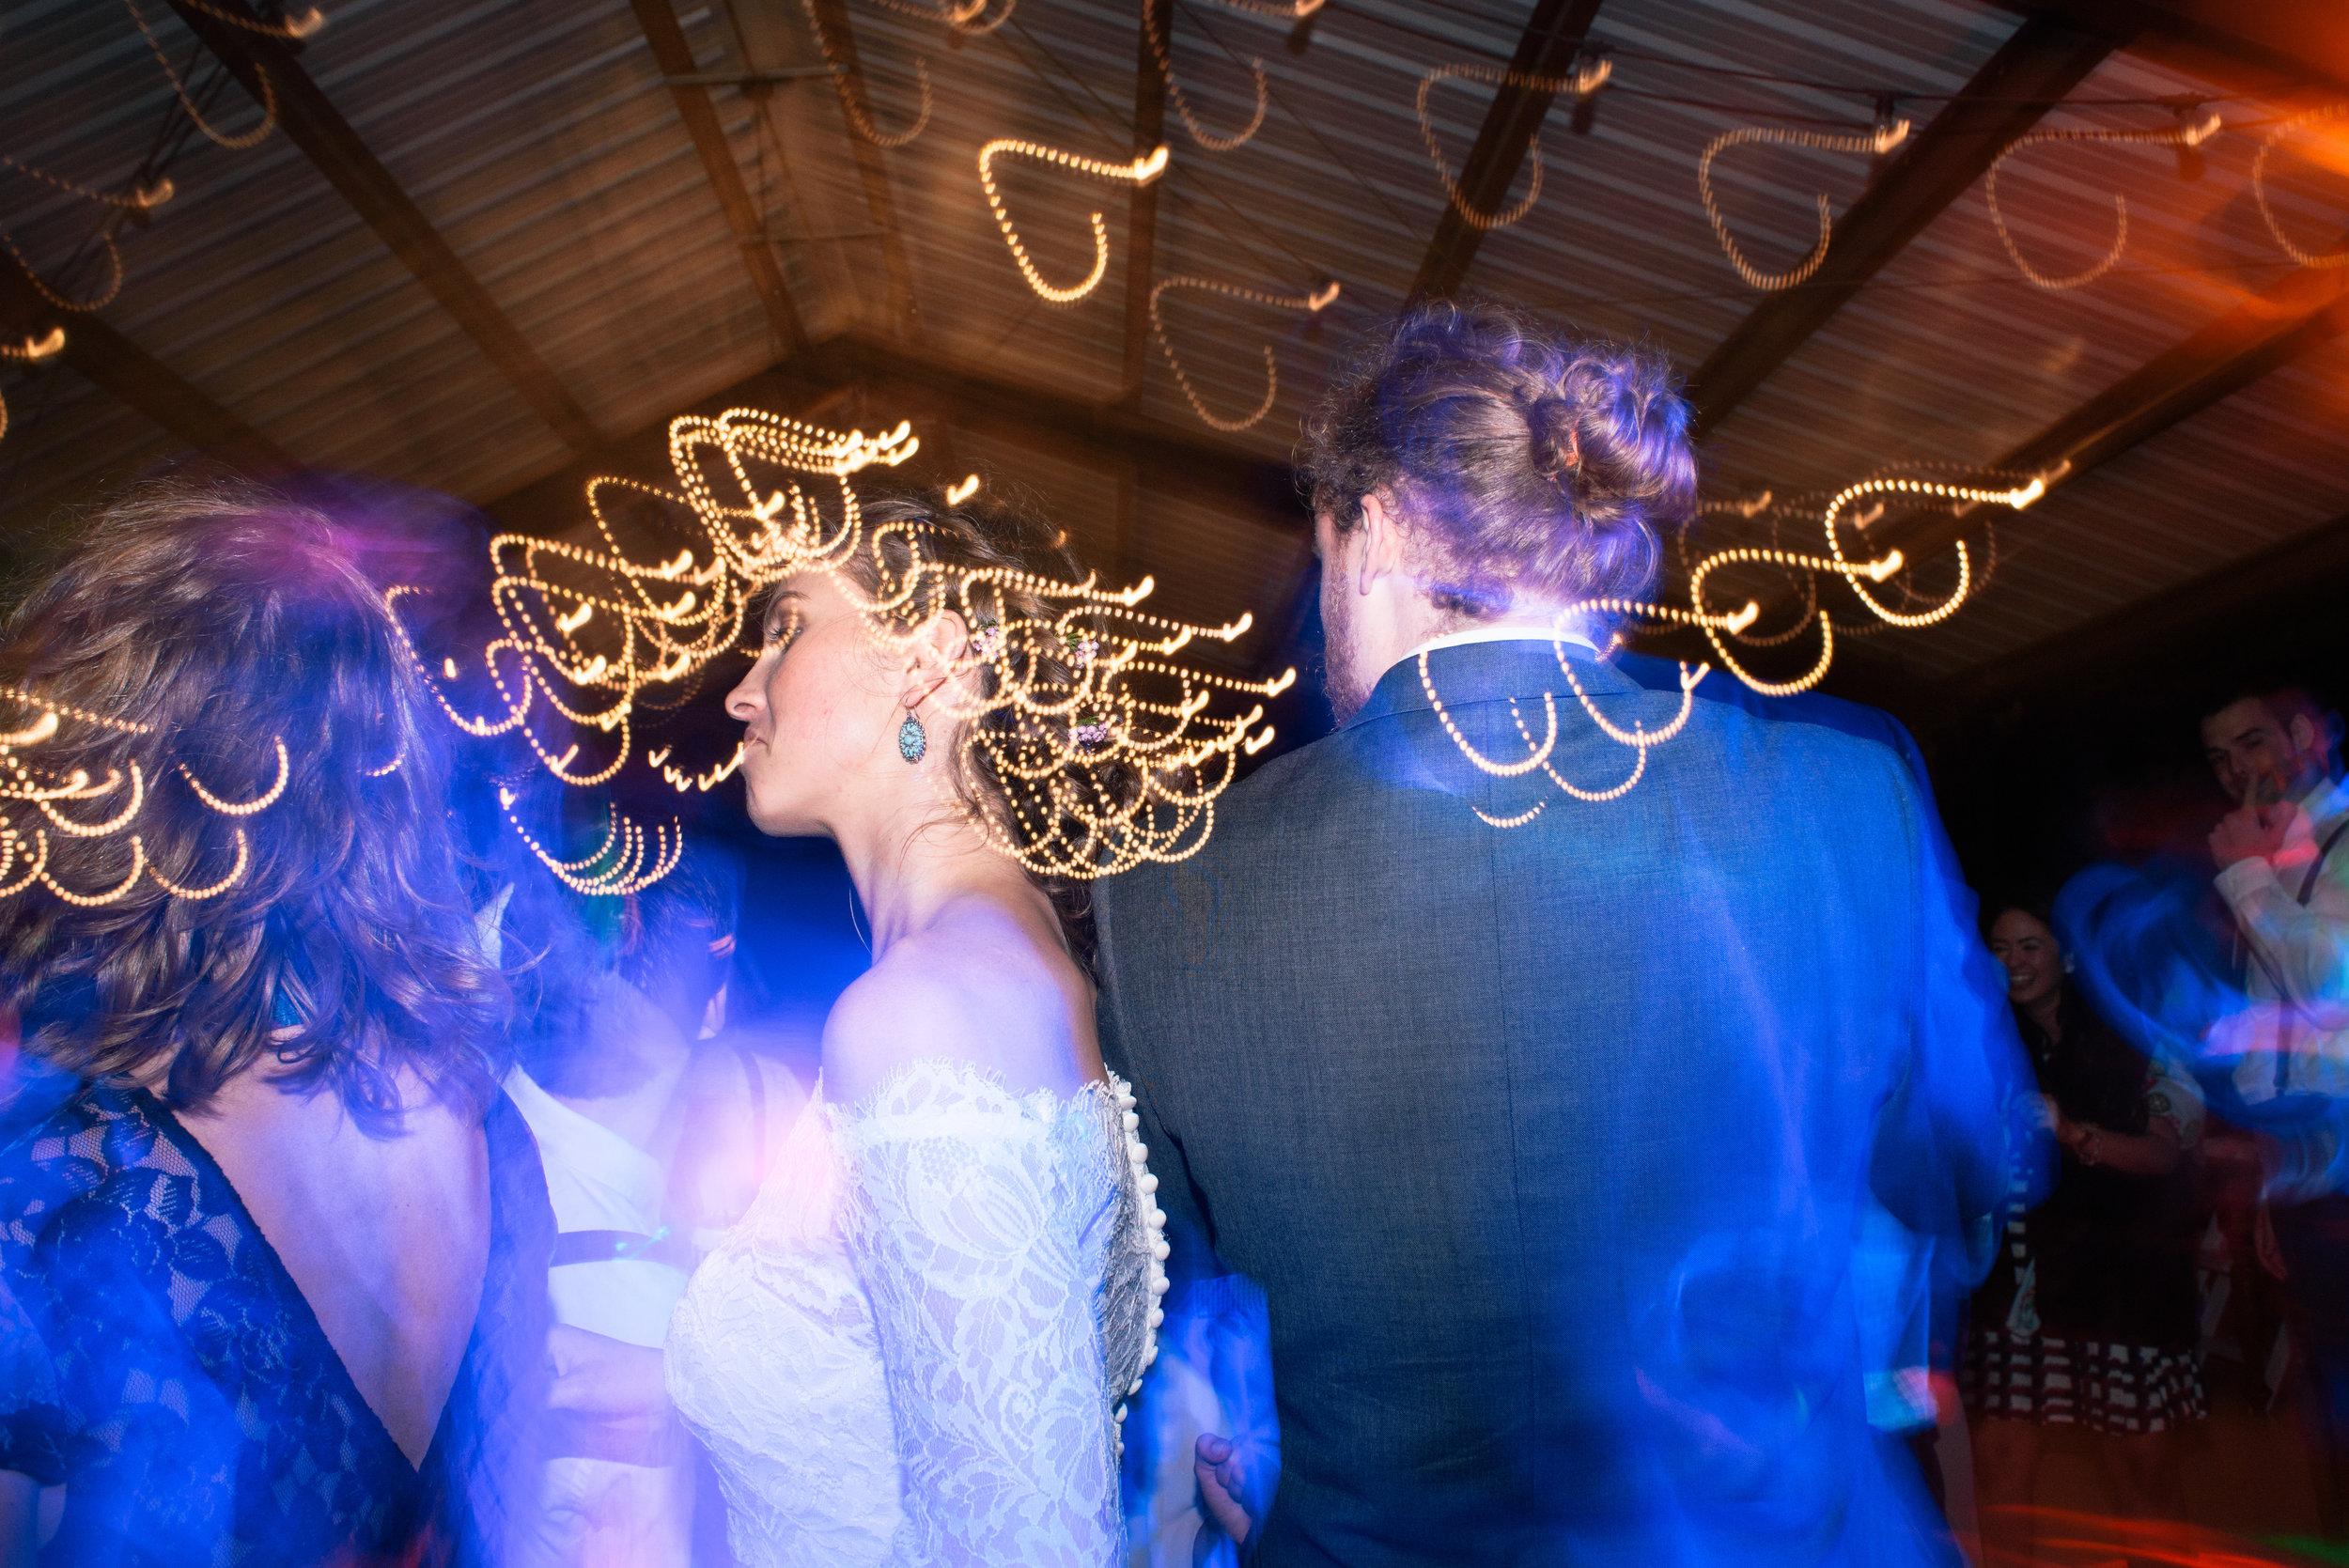 raleigh-elopement-photographer-raleigh-durham-wedding-maddie-and-devin- (154 of 162).jpg